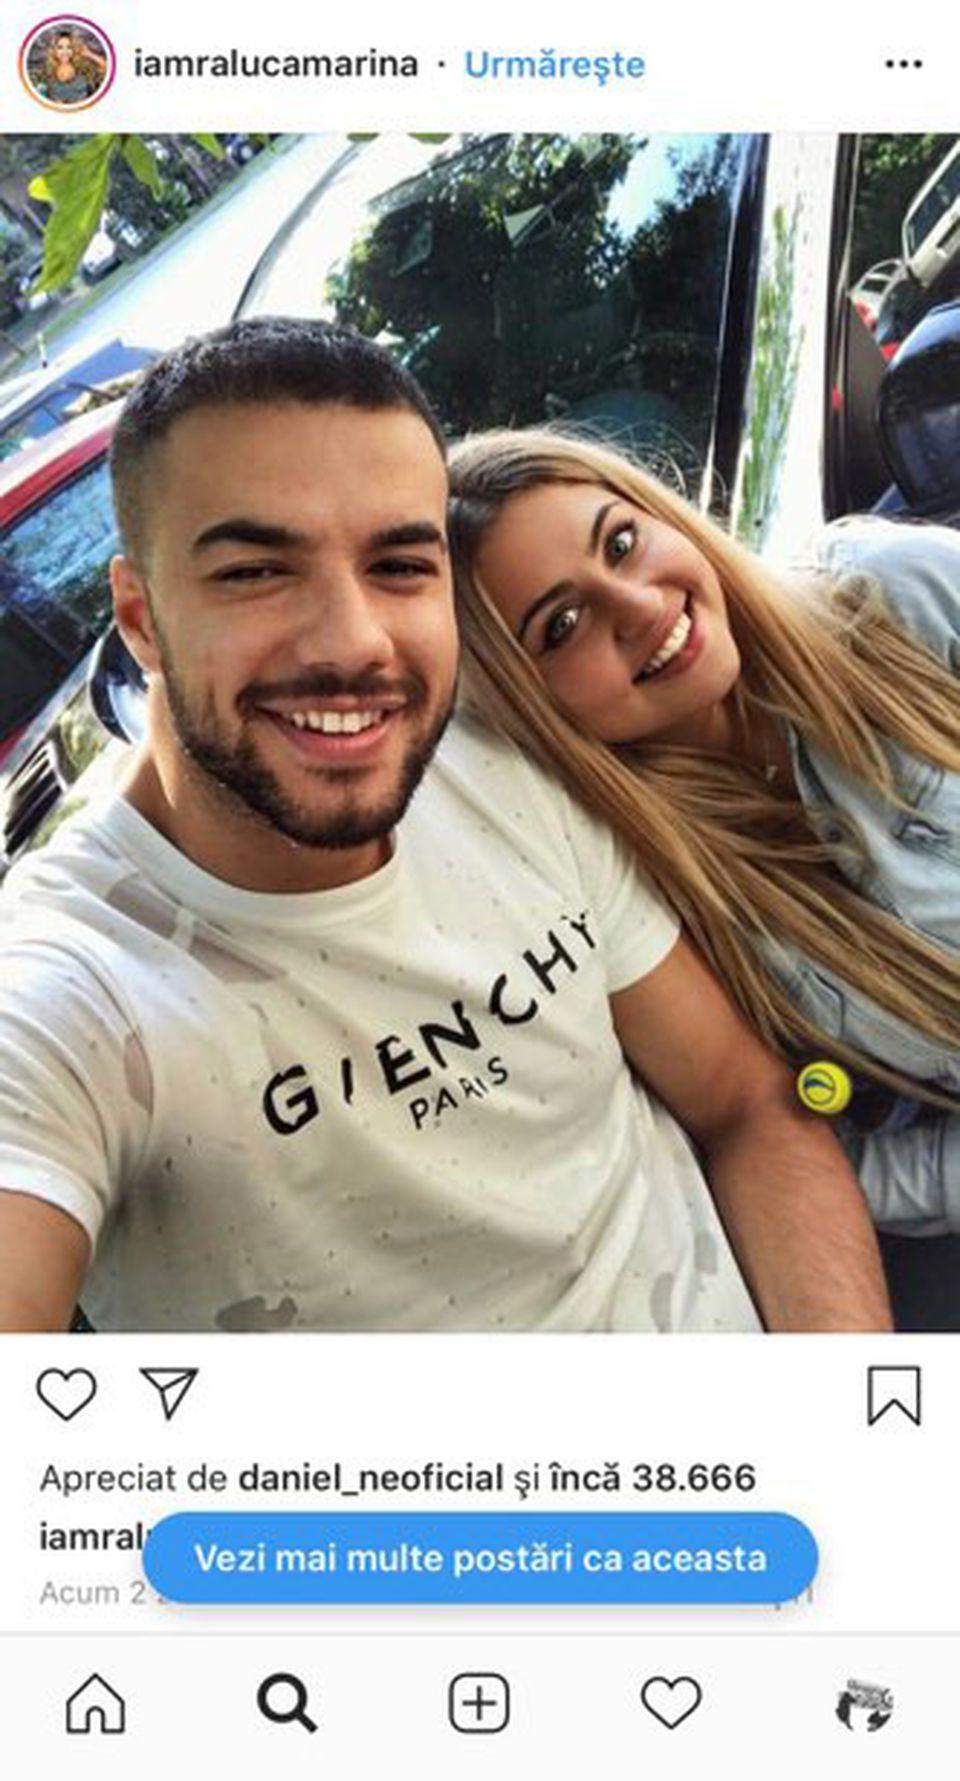 Culiță Sterp și Plușica, împreună! Fotografia care a adunat zeci de mii de like-uri pe Instagram